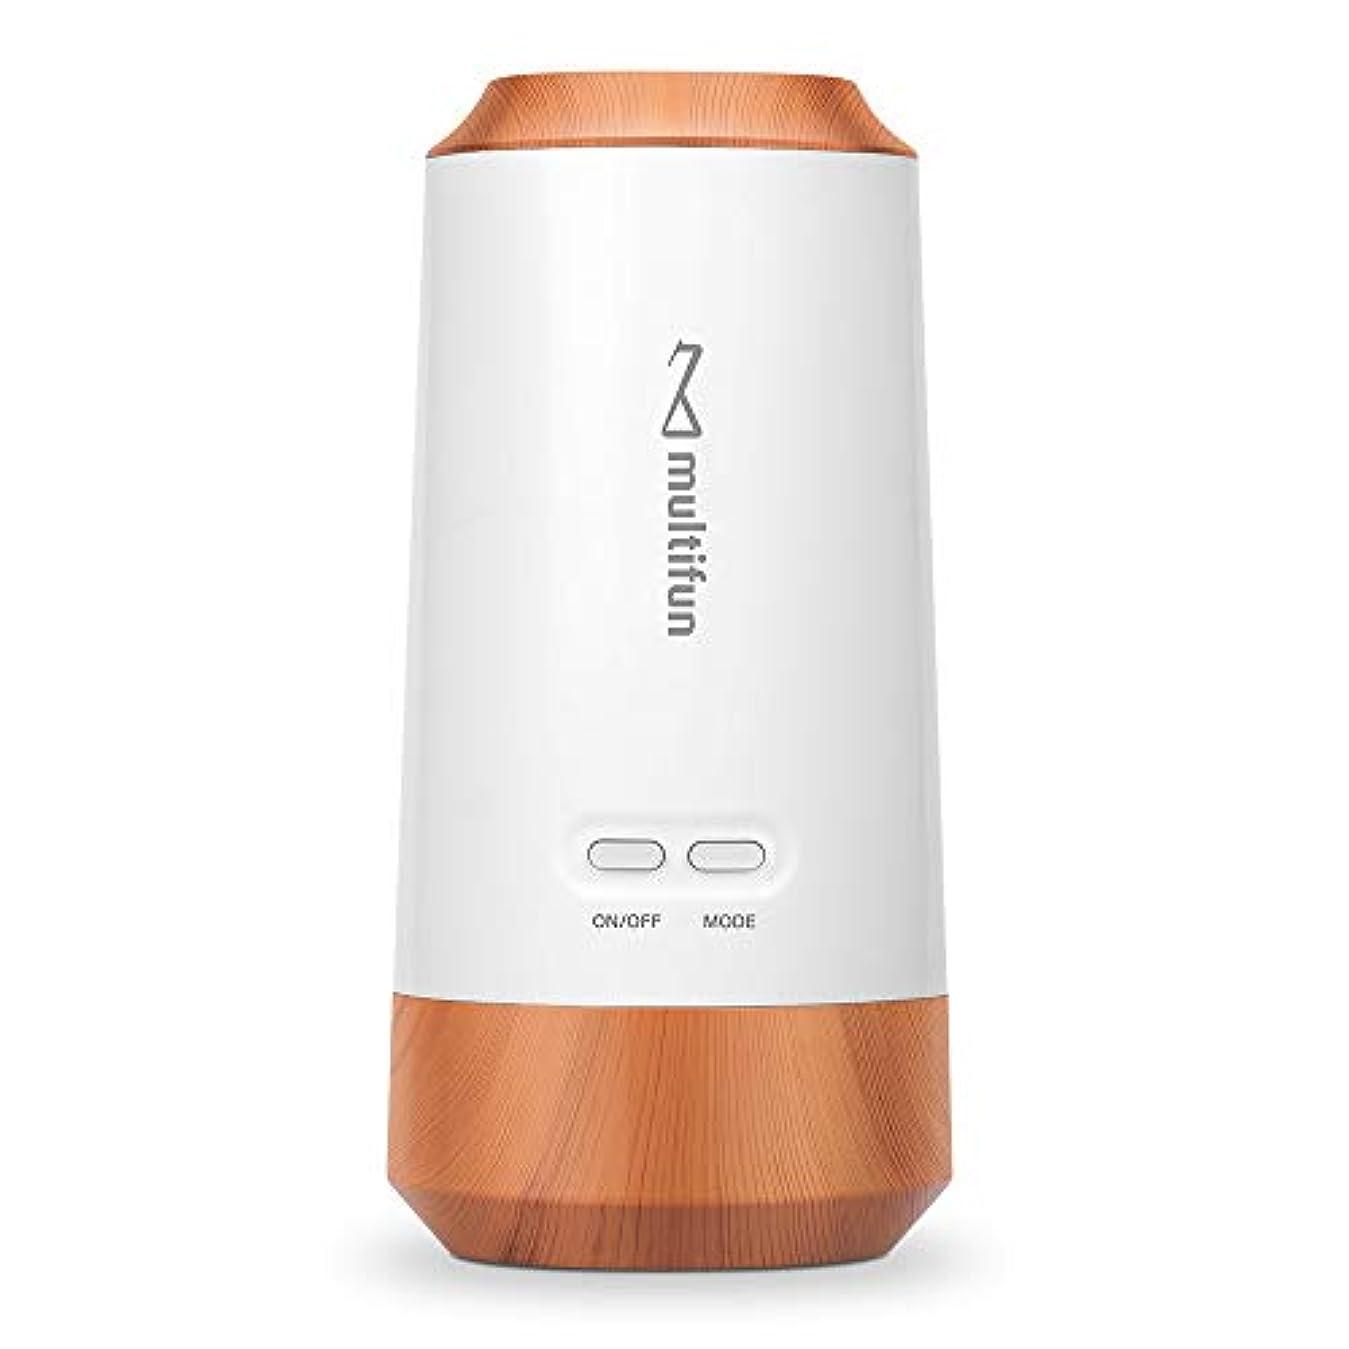 クレジット知性トリクルmultifun アロマディフューザー ネブライザー式 気化式 車載用 コードレス 水を使わない 充電式 静音 車用 10mlアロマ320時間使える 精油瓶1個 スポイト付き 6畳~9畳まで